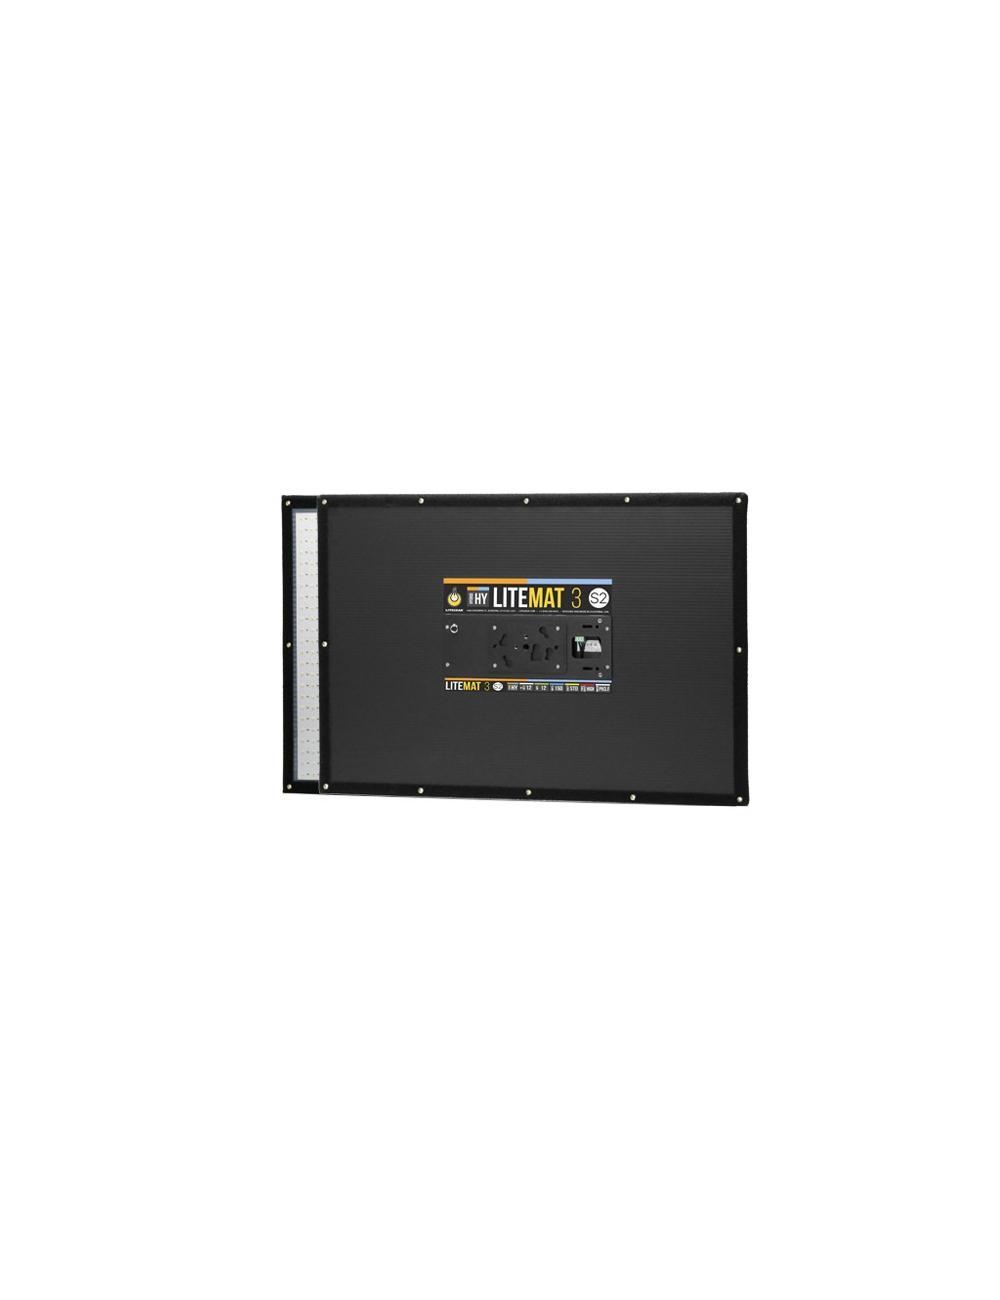 LiteGear Litemat 3 Hybrid